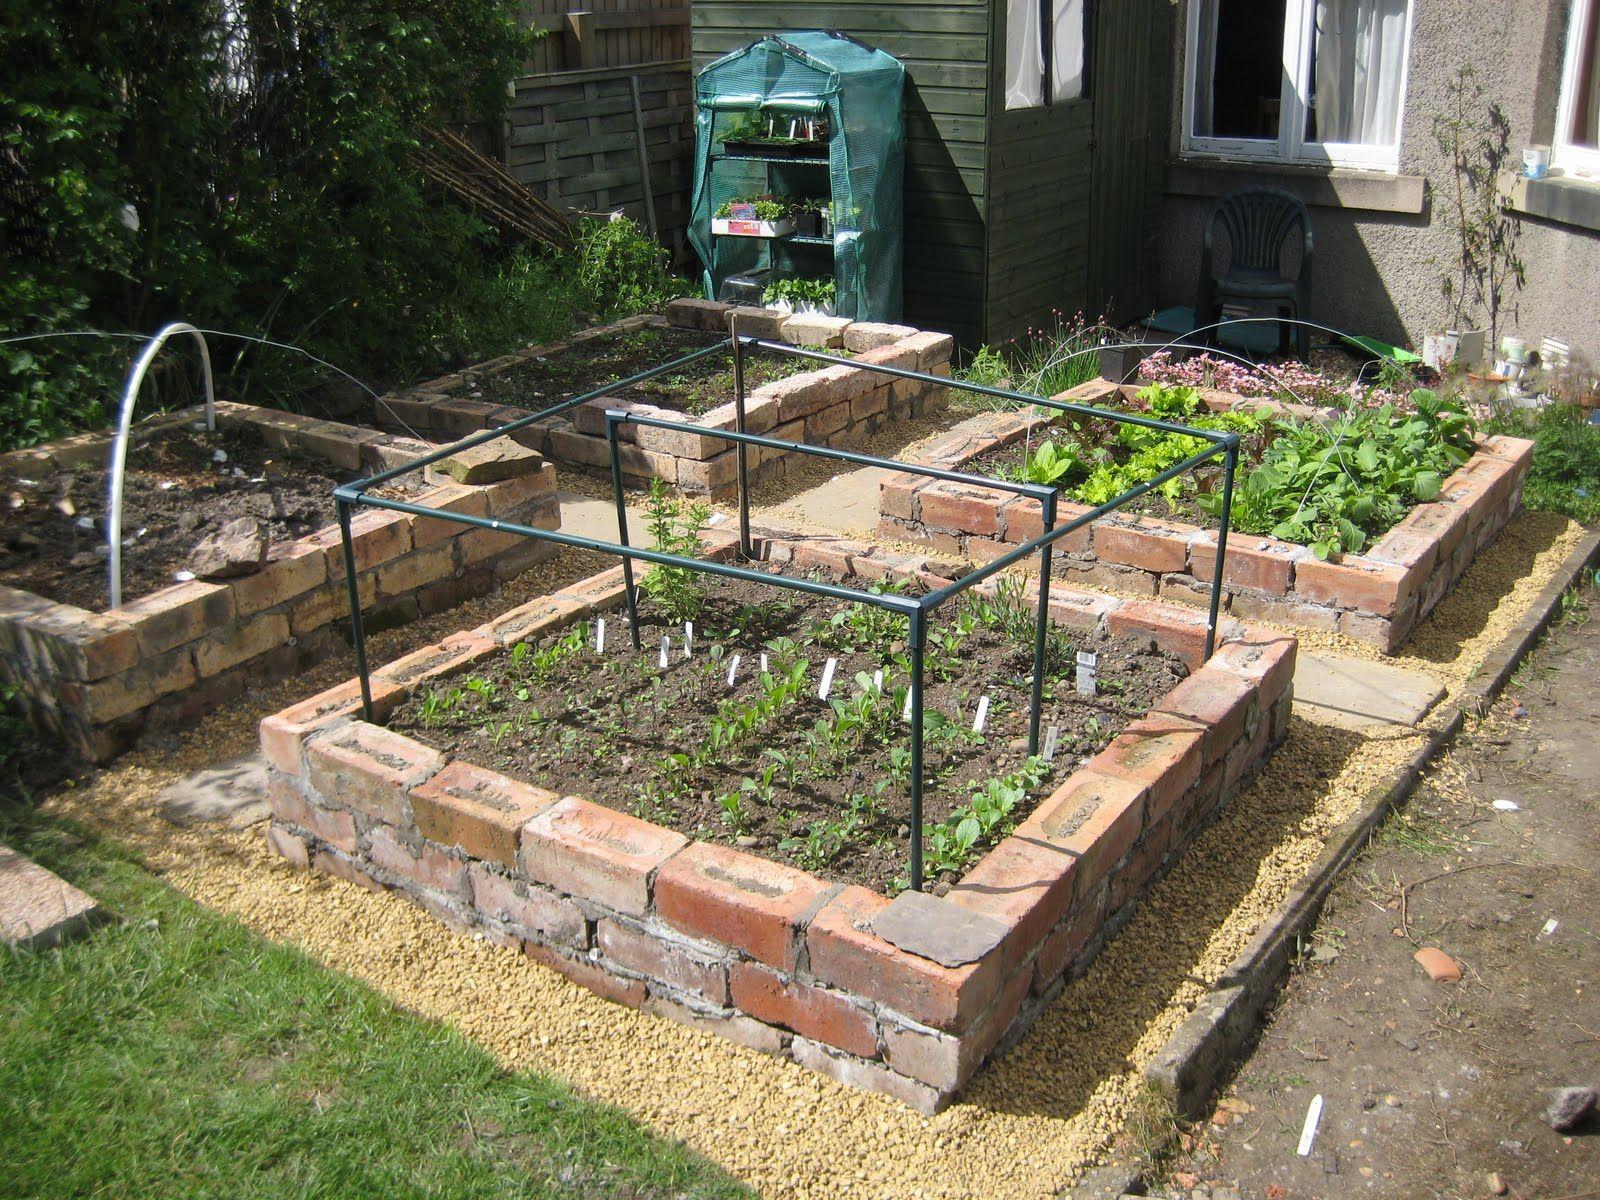 Brick Raised Bed Garden Ideas Garden Beds Brick Raised 400 x 300